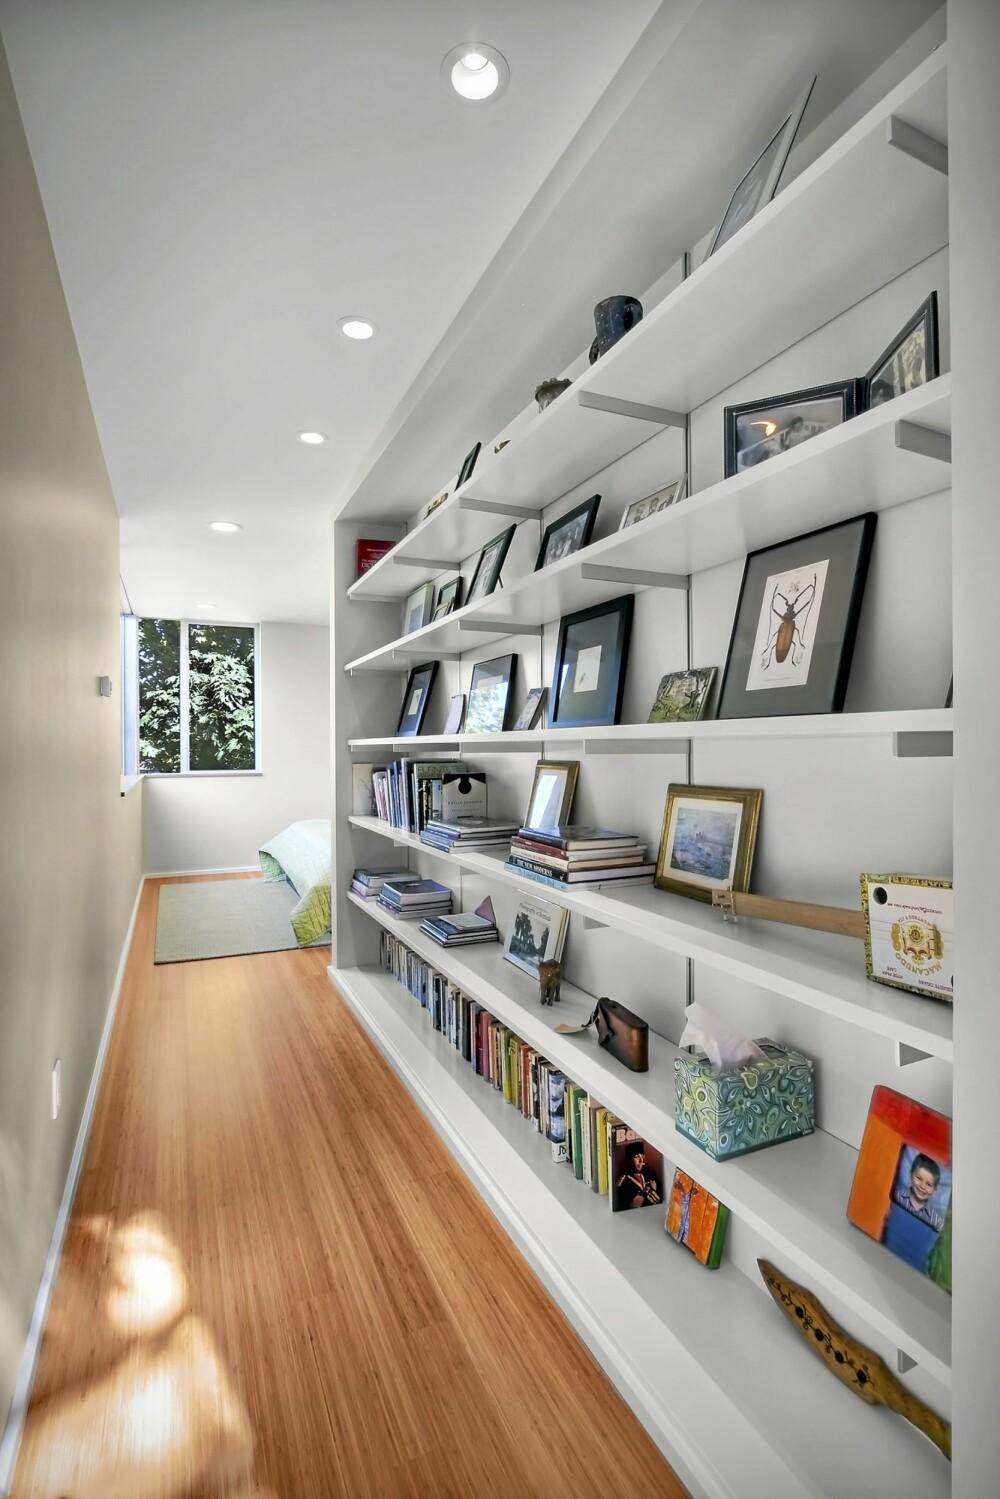 OPPBEVARING: I gangen, som binder tilbygget til huset, har de satt opp hyller til oppbevaring